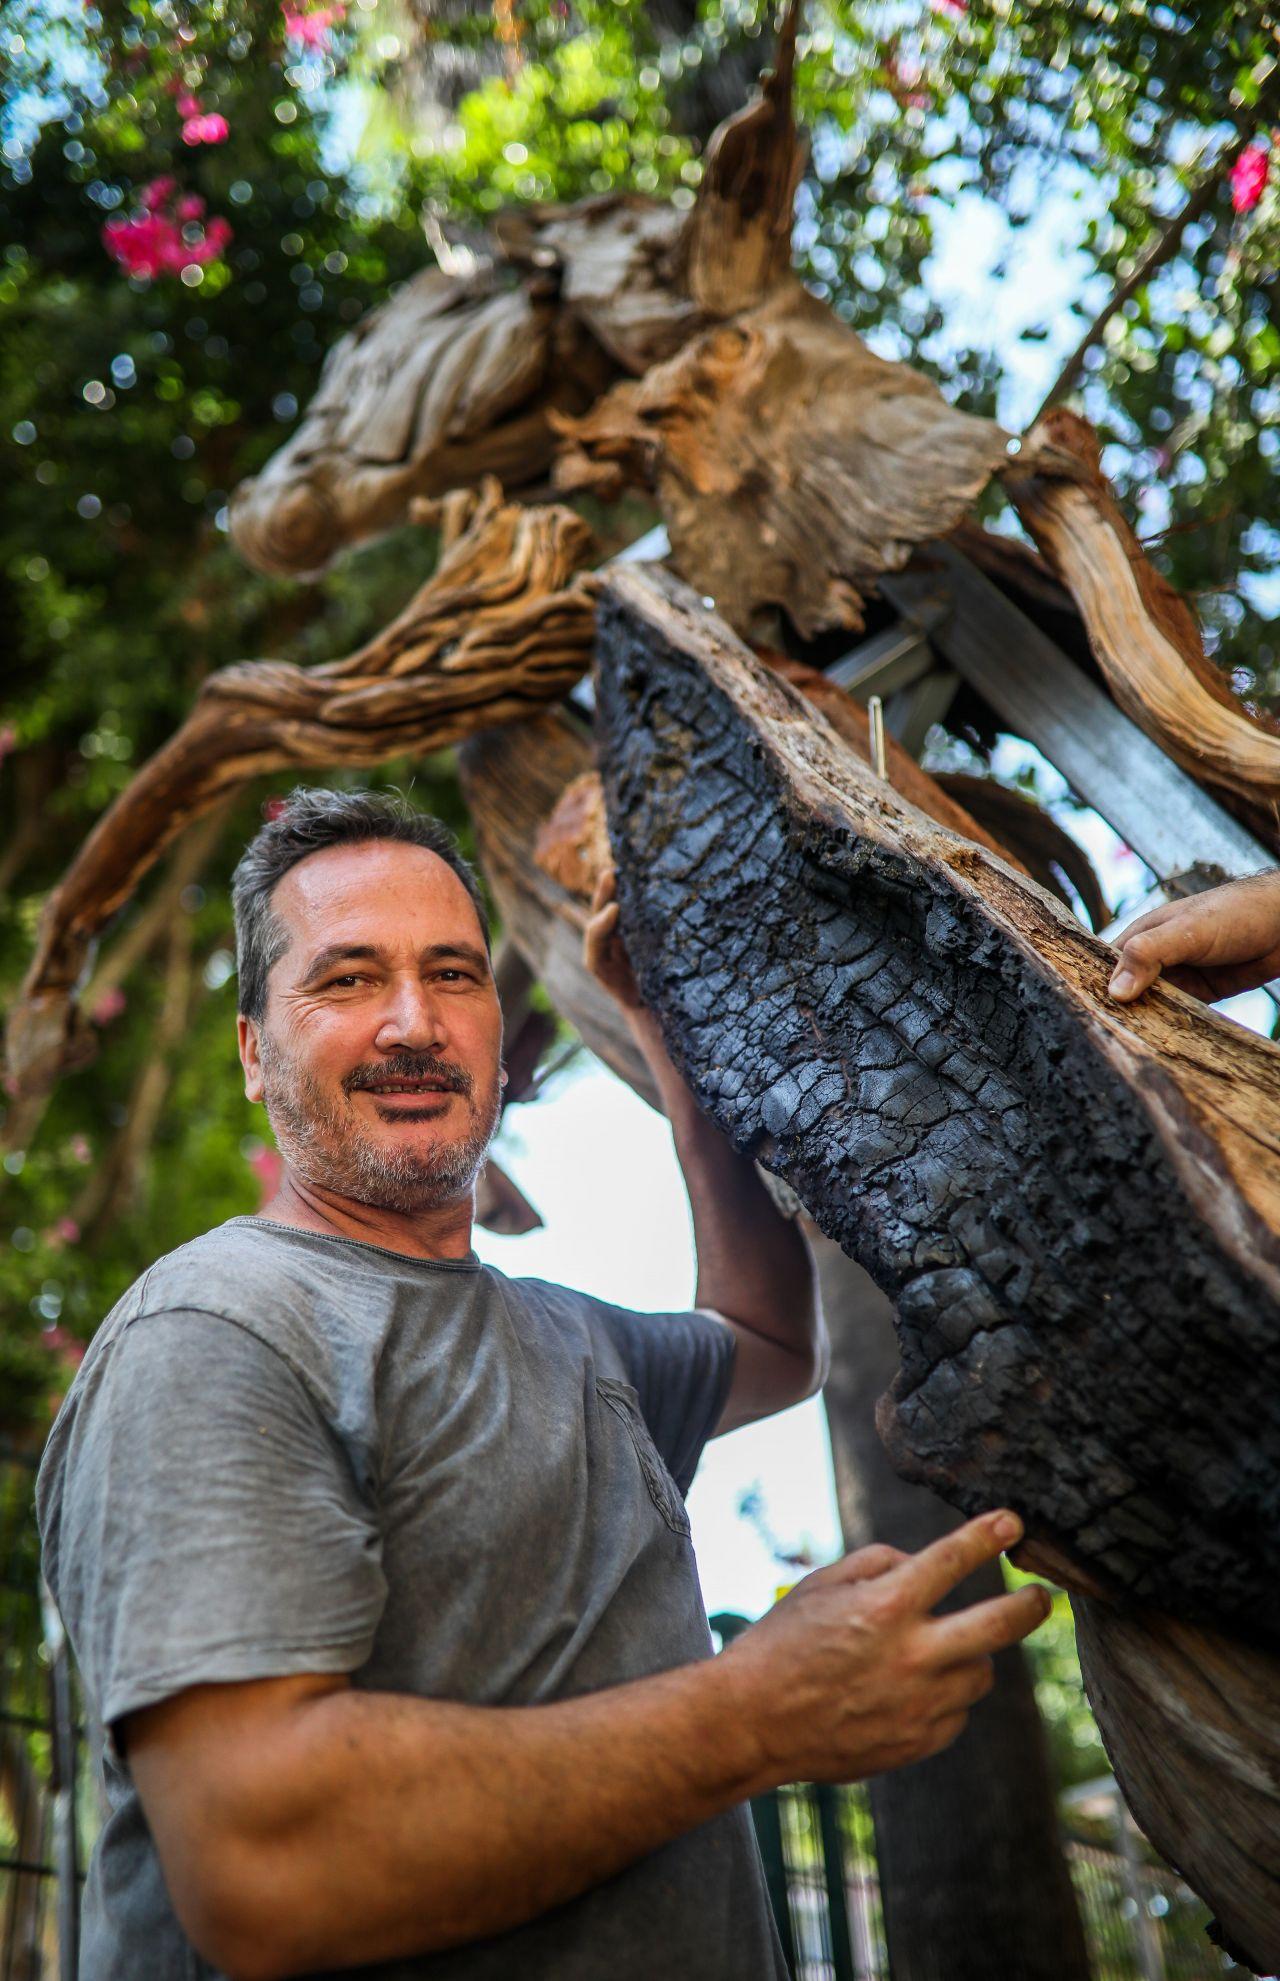 Antalyalı Adnan Ceylan, Manavgat'taki yangında zarar gören ağaçlardan at yaptı! - Sayfa:6